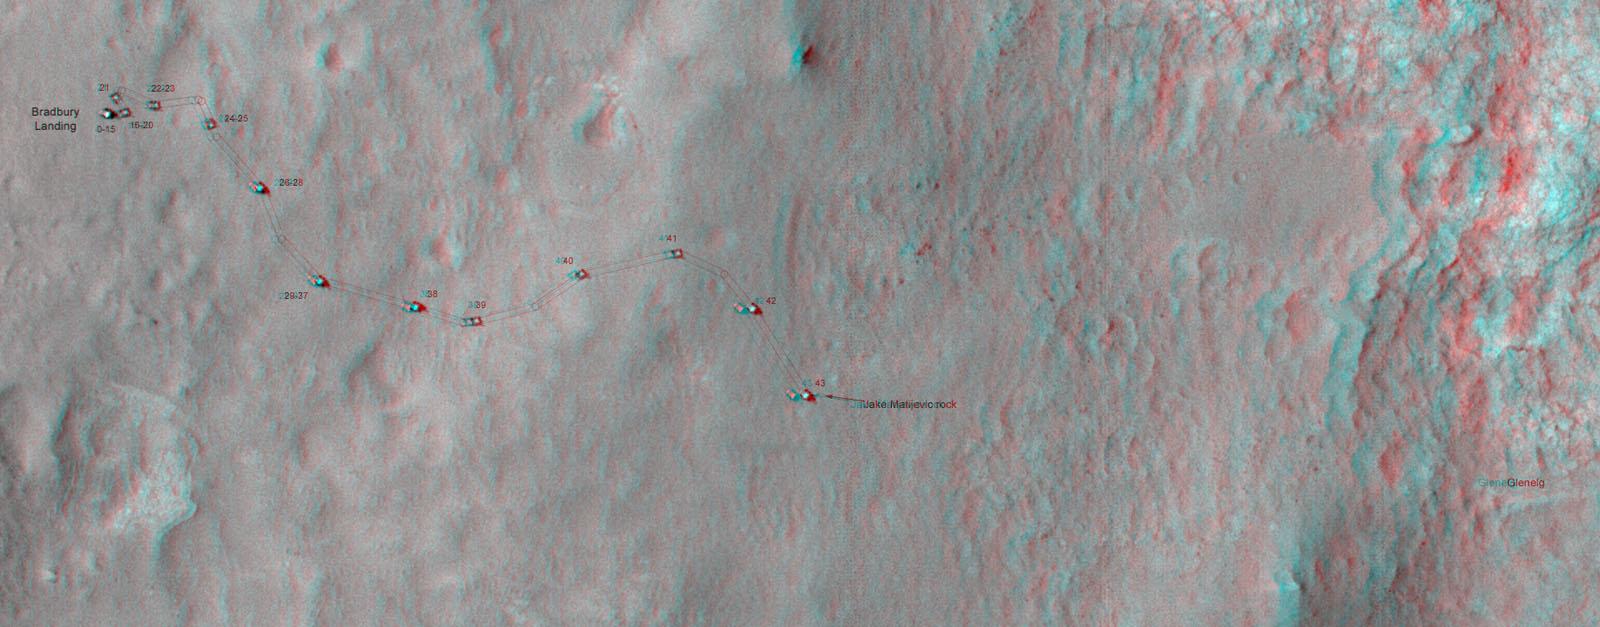 Snímek z oběžné dráhy, který ukazuje cestu vozítka Curiosity v prvních dnech na Marsu, kdy dojelo ke kameni Jake Matijevic. Povšimněte si zejména nerovného terénu v oblasti Glenelg.